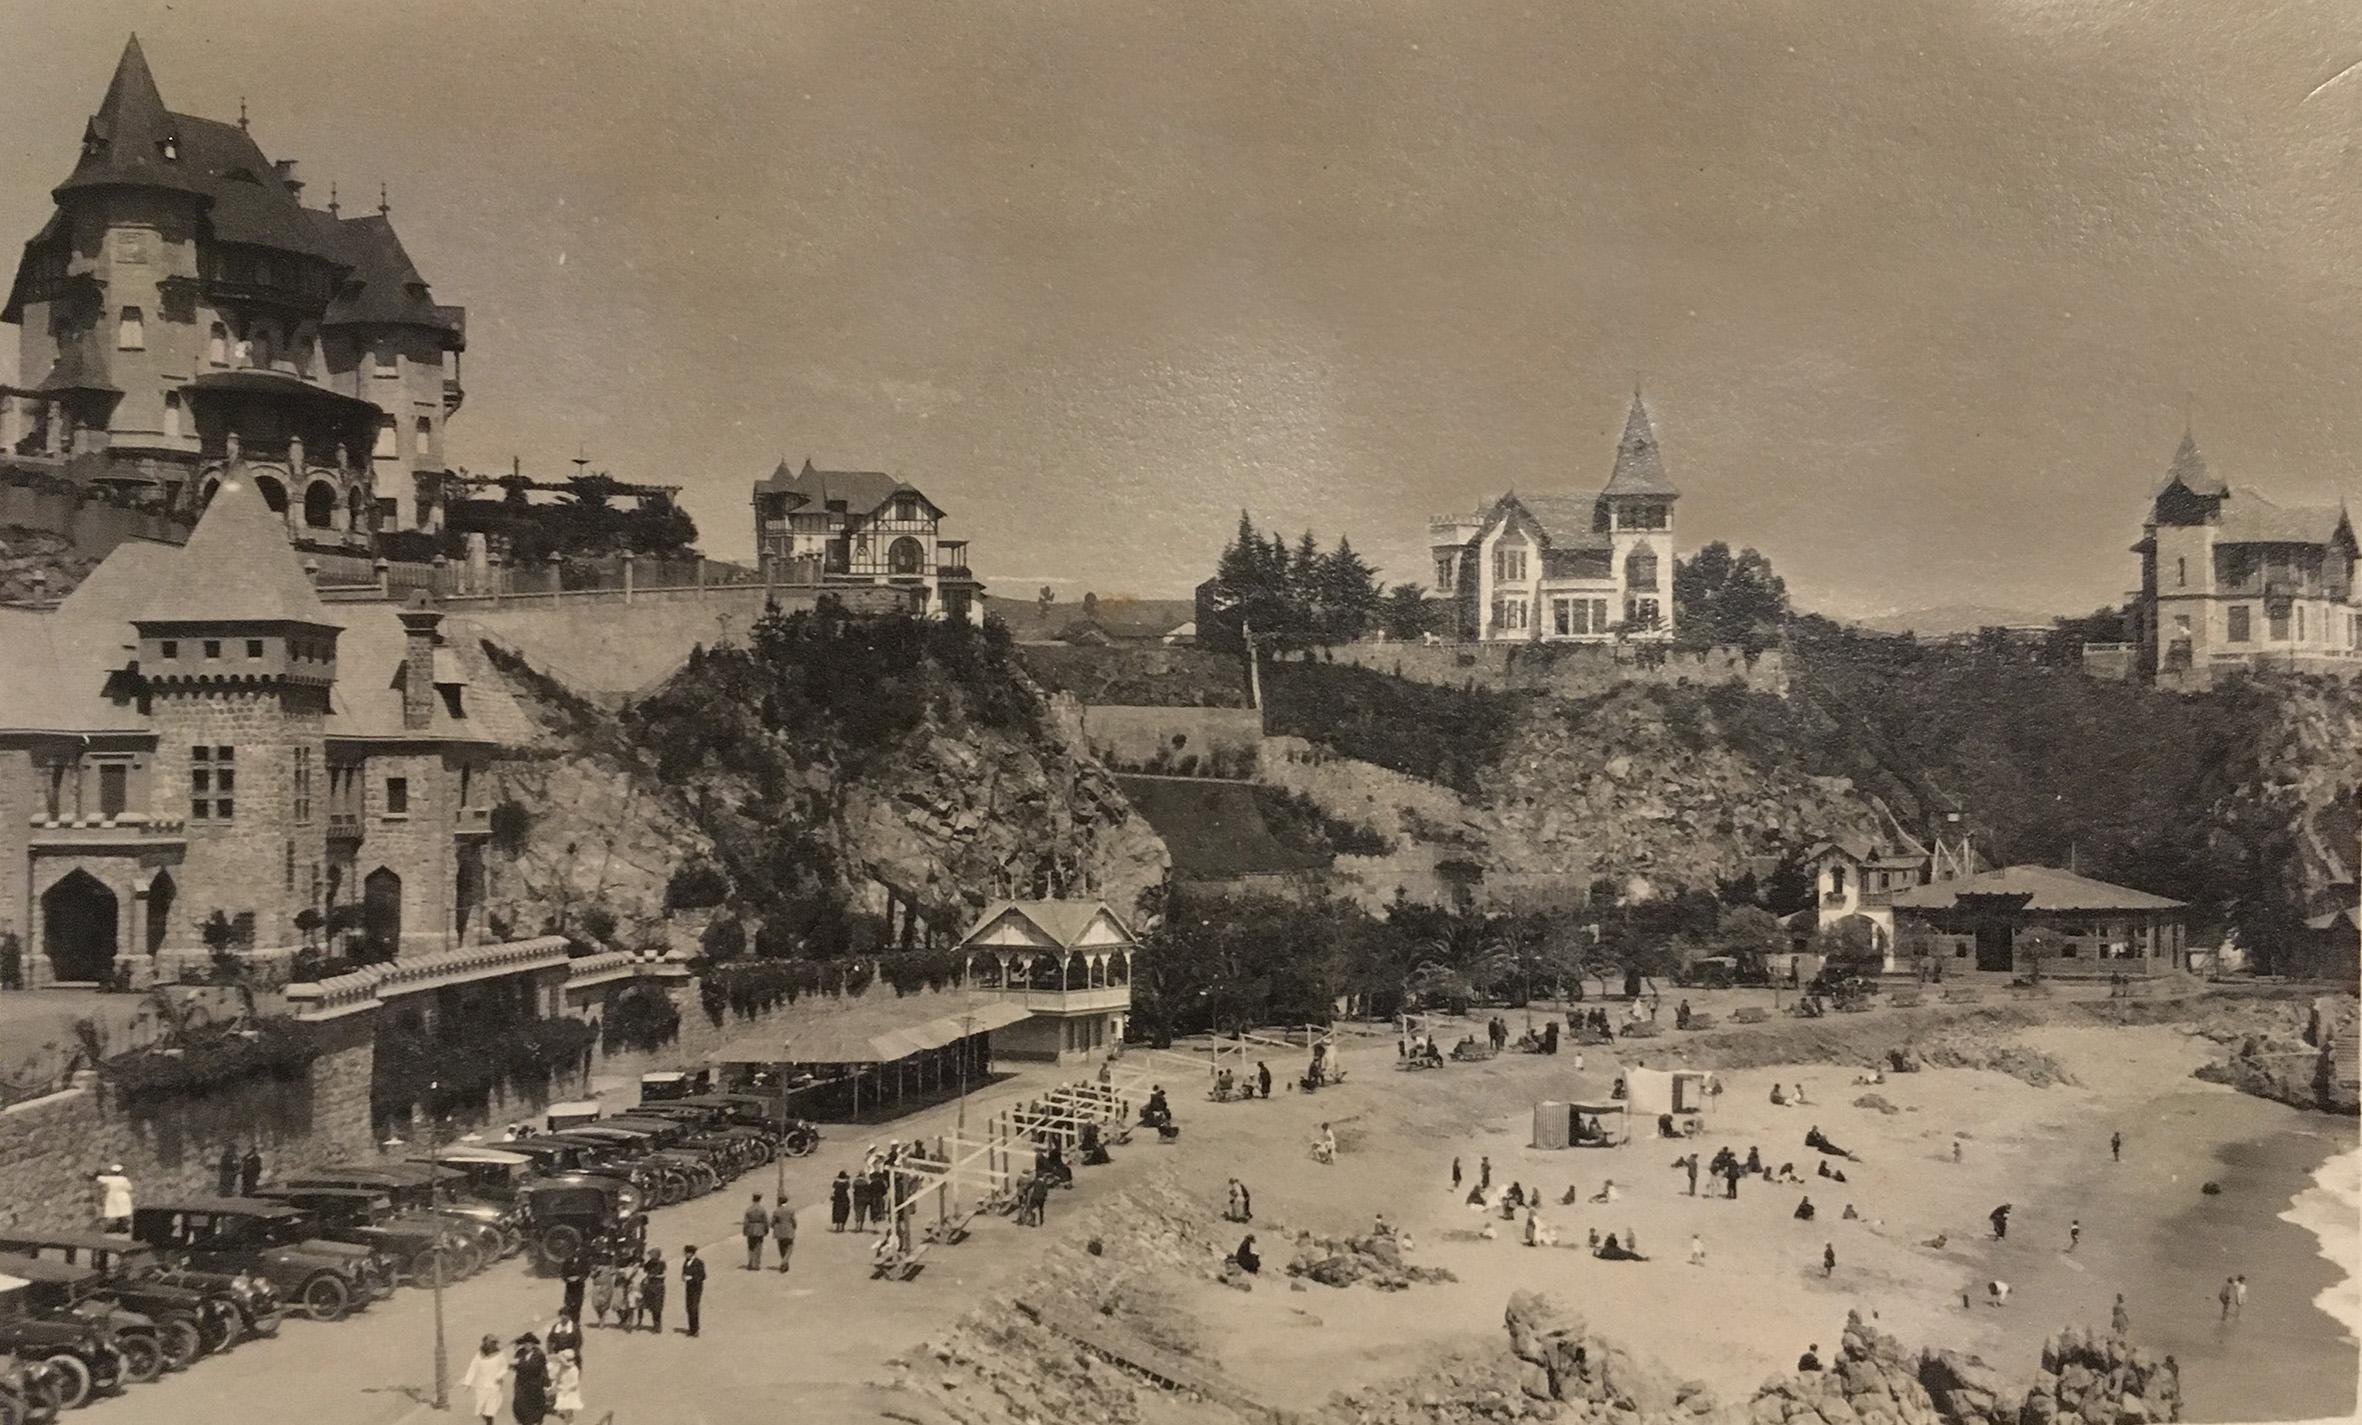 Enterreno - Fotos históricas de chile - fotos antiguas de Chile - Playa Miramar de Viña del Mar en 1922